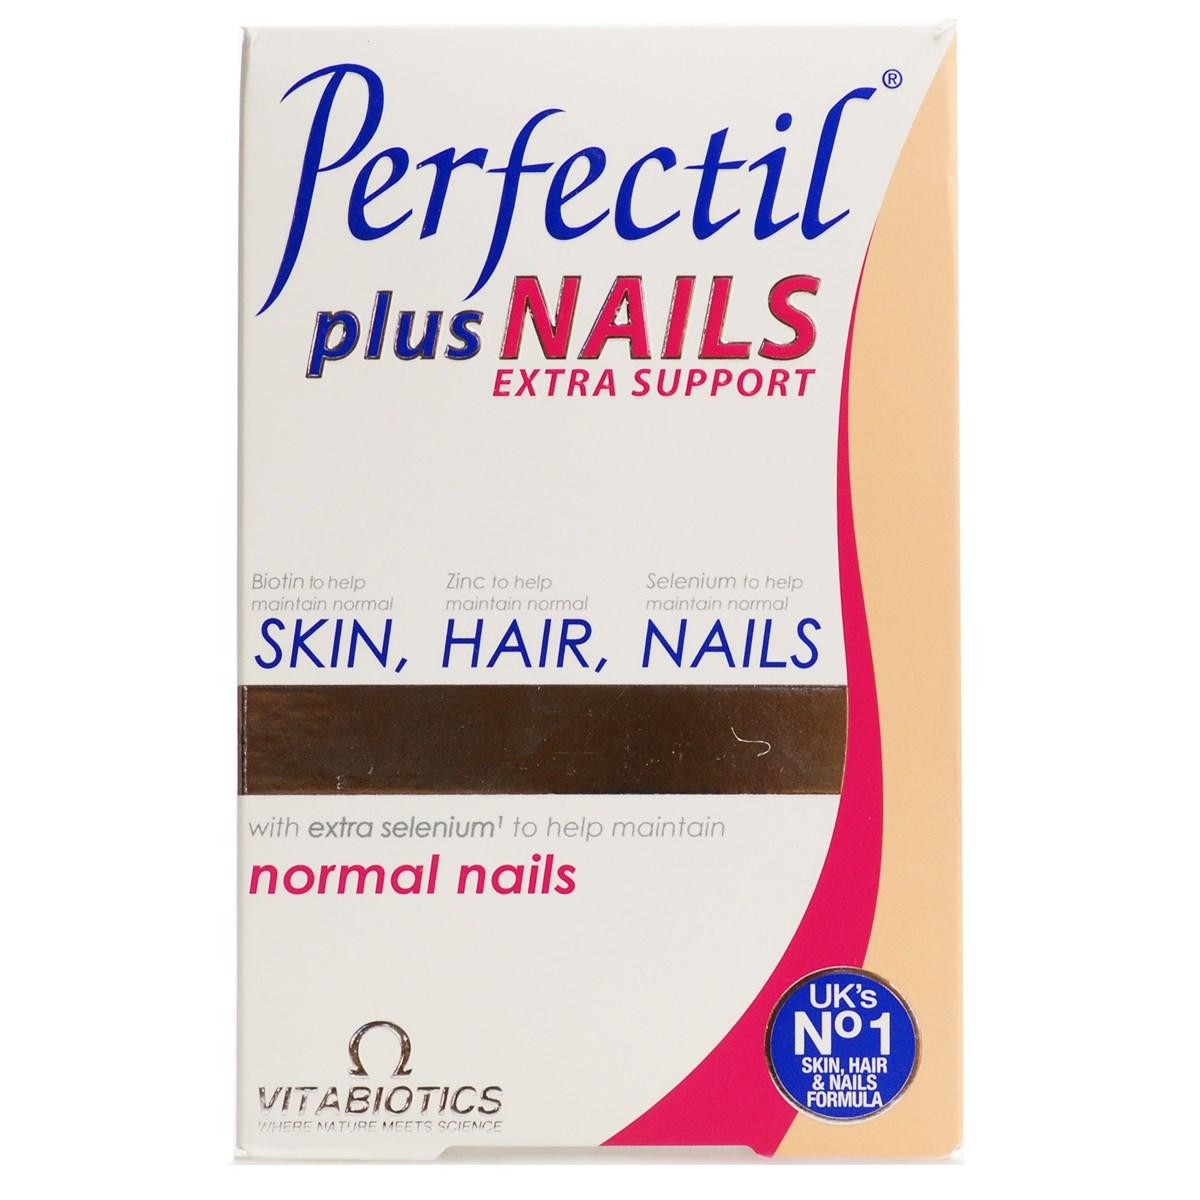 Vitabiotics Perfectil Plus Nails